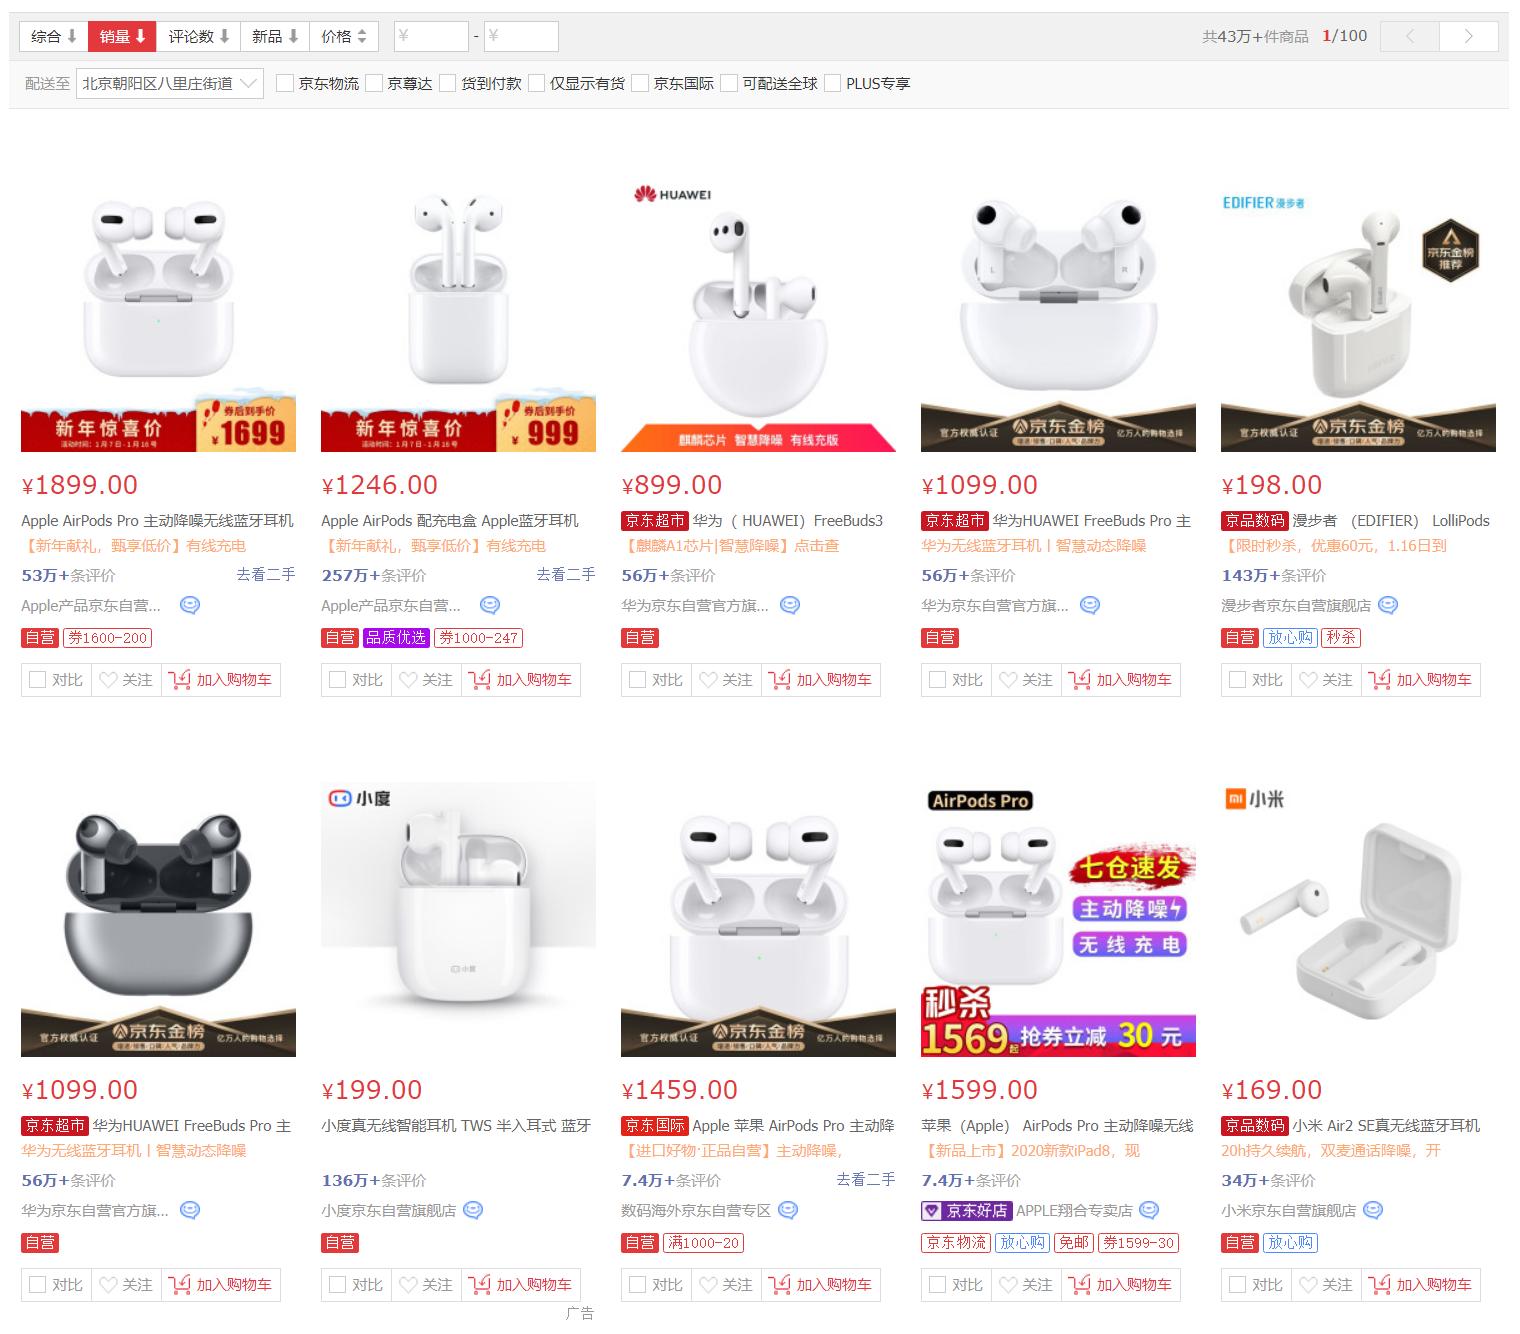 中国国际时装周 国际版